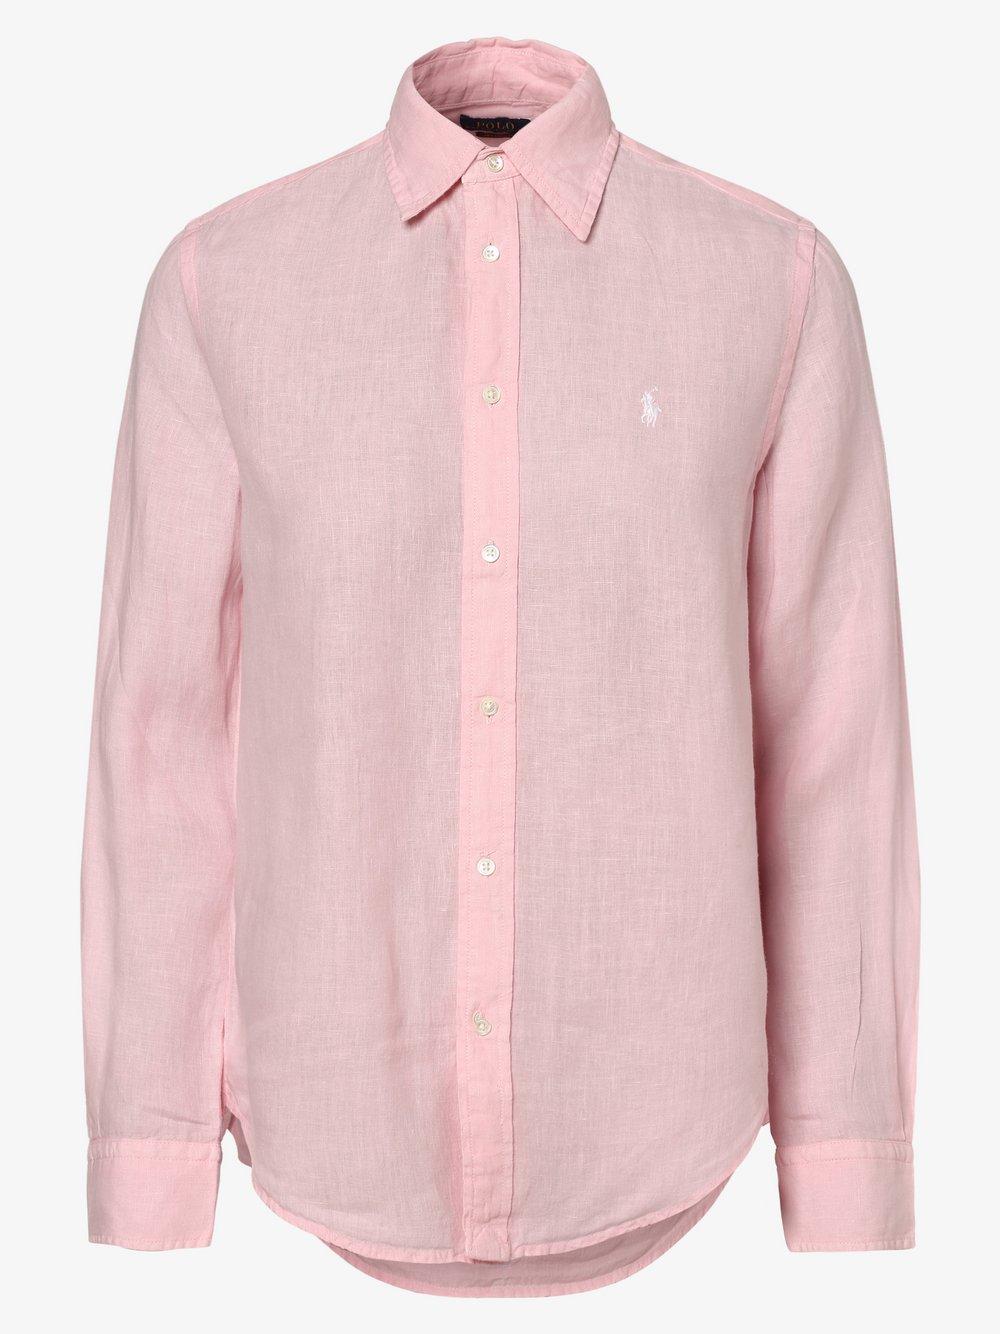 Polo Ralph Lauren - Bluzka damska – Relaxed Fit, różowy